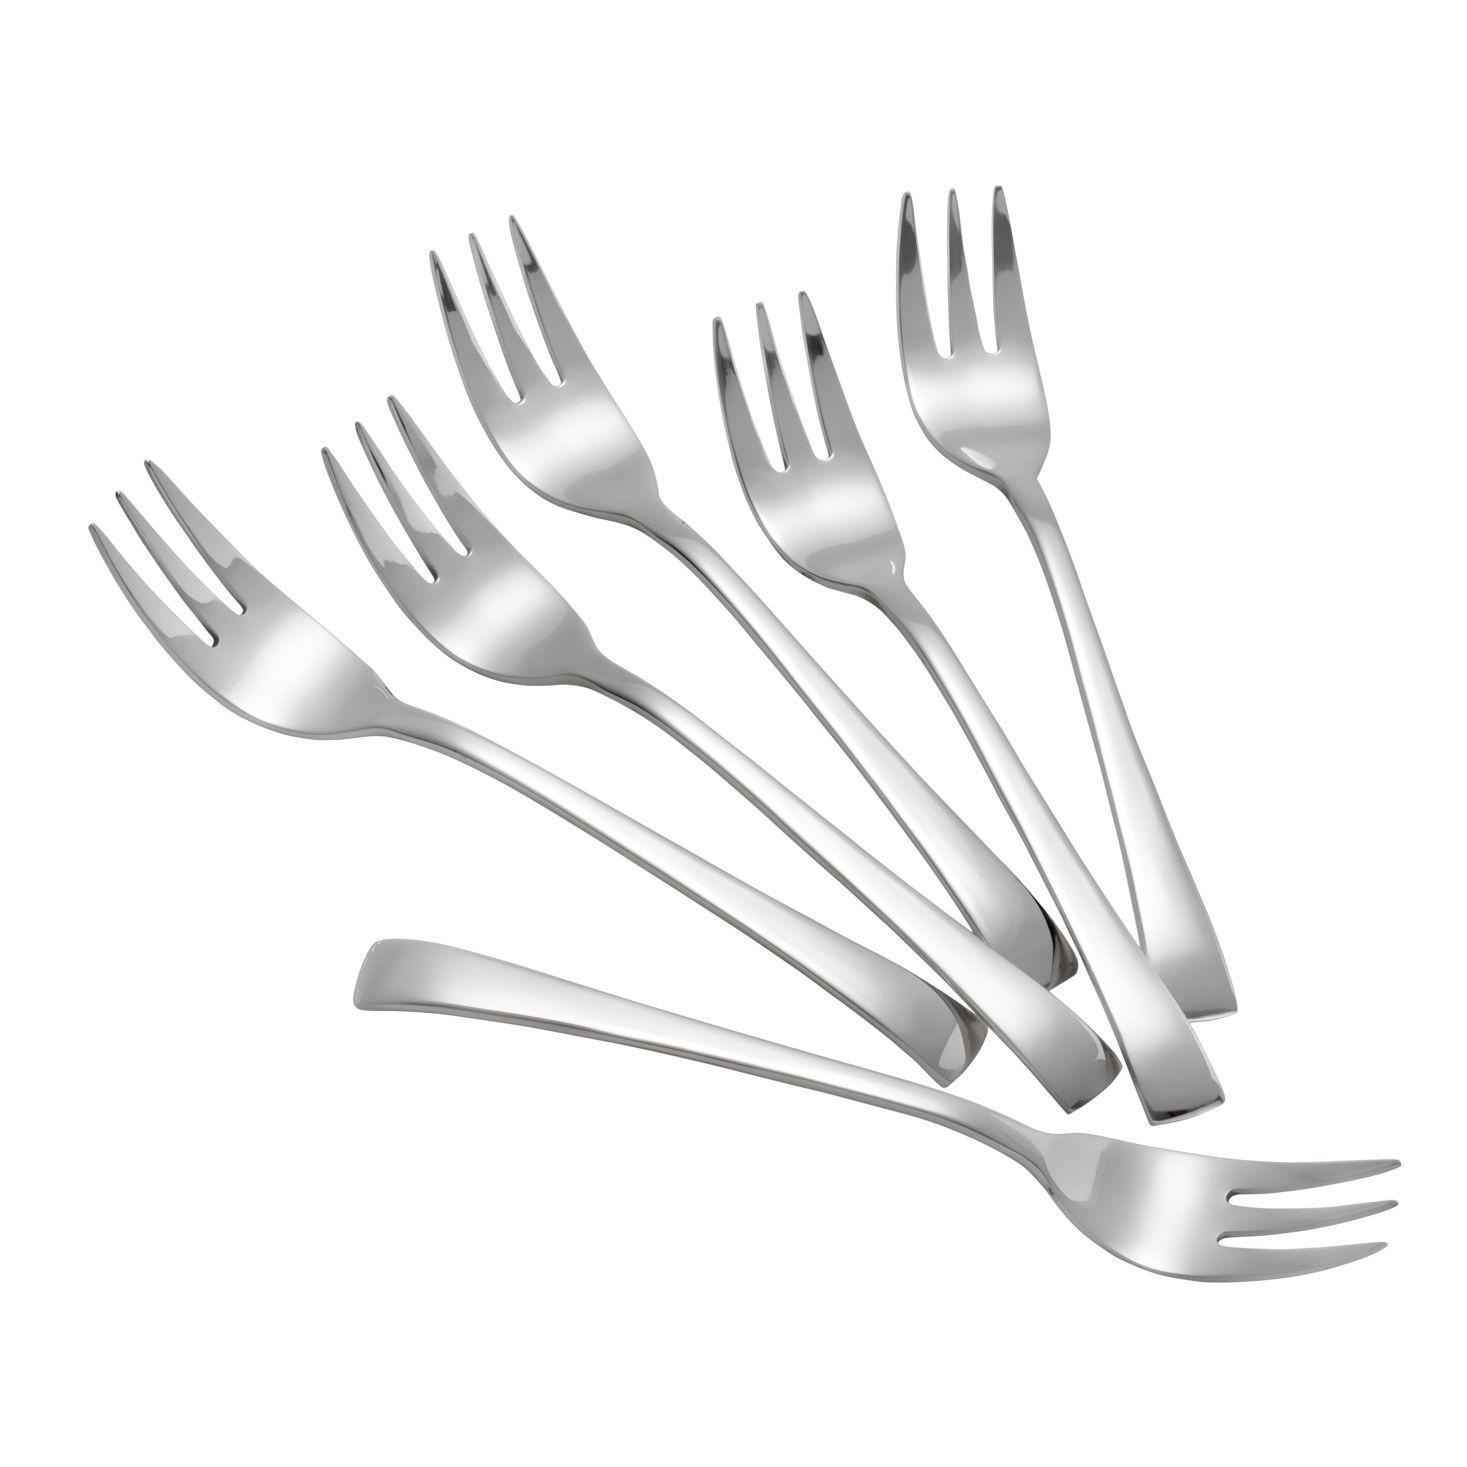 Jogo 6 peças garfo de sobremesa de aço inox prateado Berna Wolff - 81160